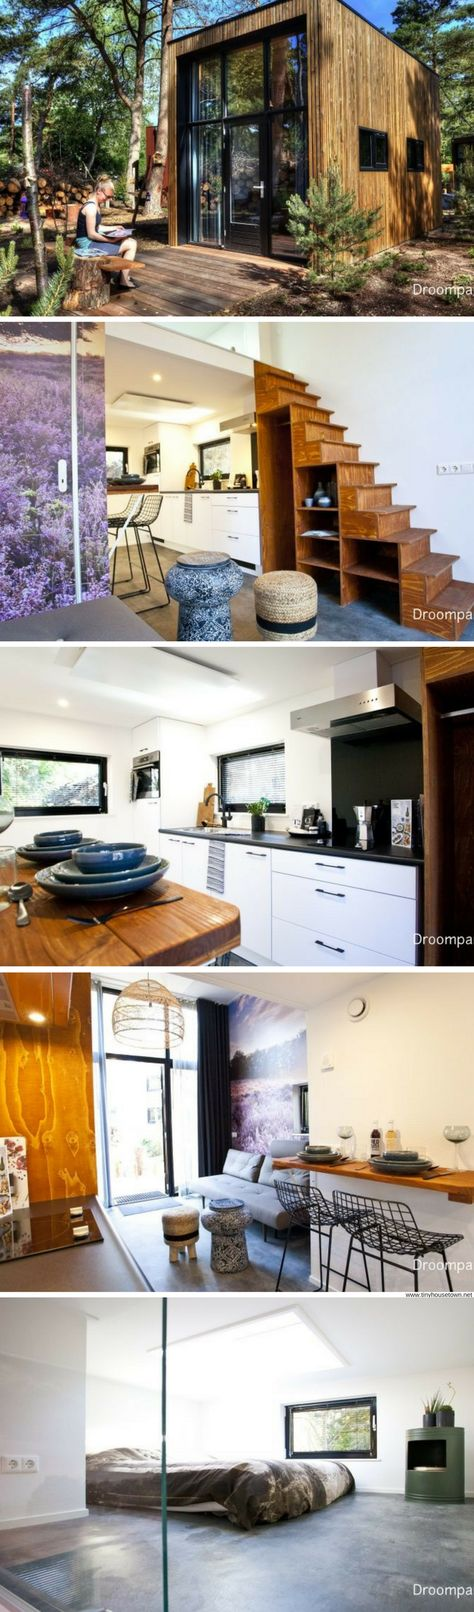 Mikrohaus, Österreich u2013 Modulhaus ab 28 qm Wohnfläche, mit - wohnideen 30 qm